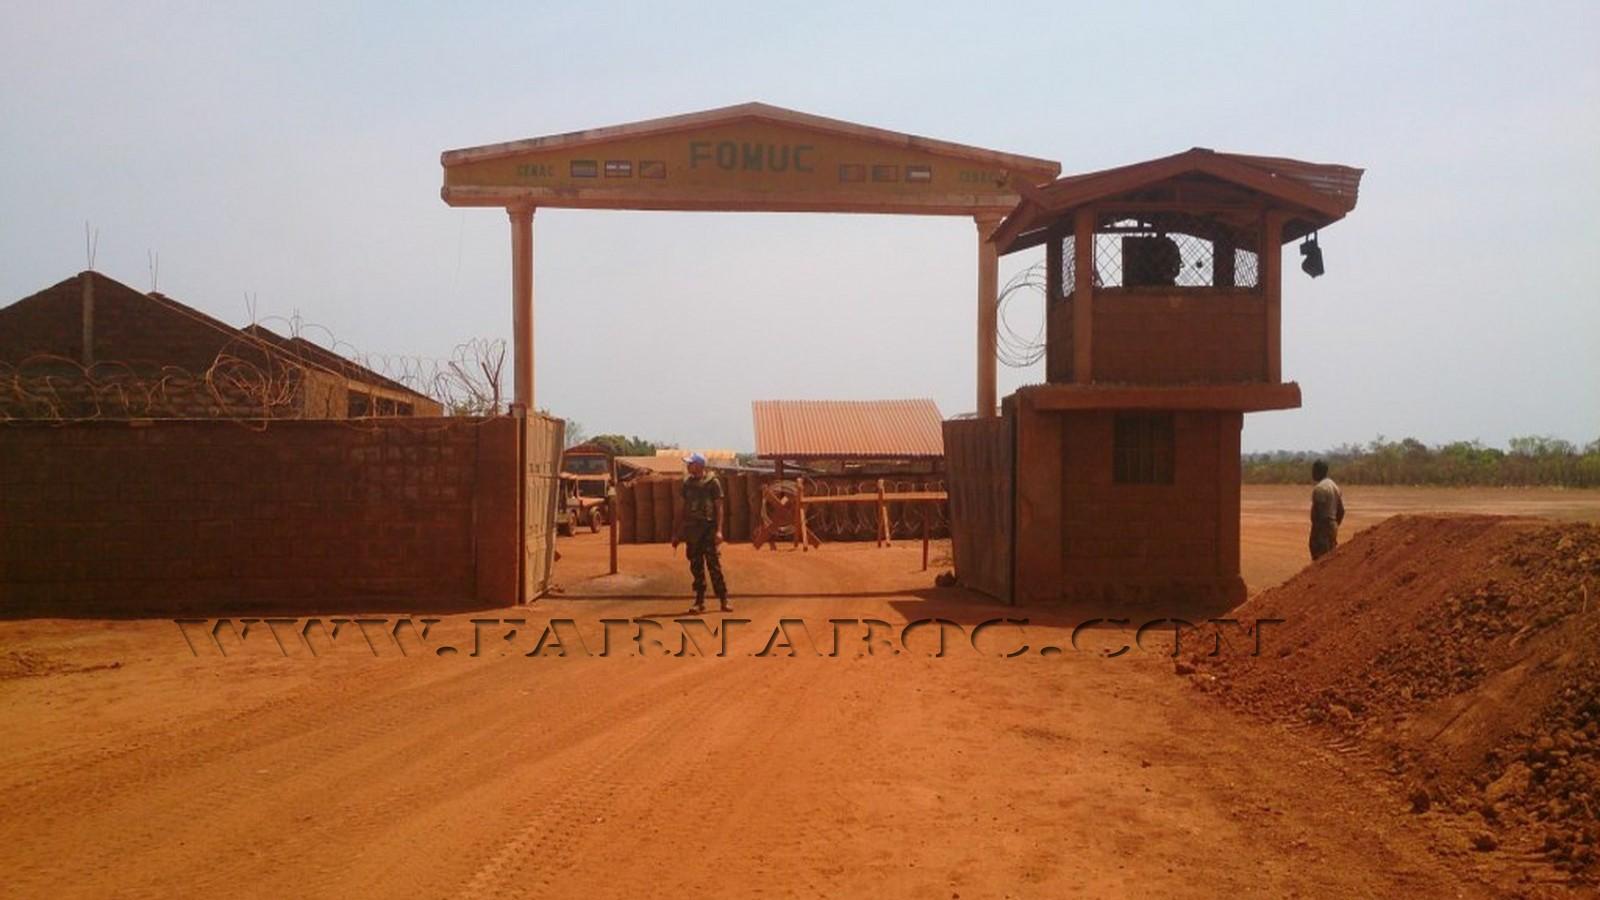 Maintien de la paix dans le monde - Les FAR en République Centrafricaine - RCA (MINUSCA) 01_00010